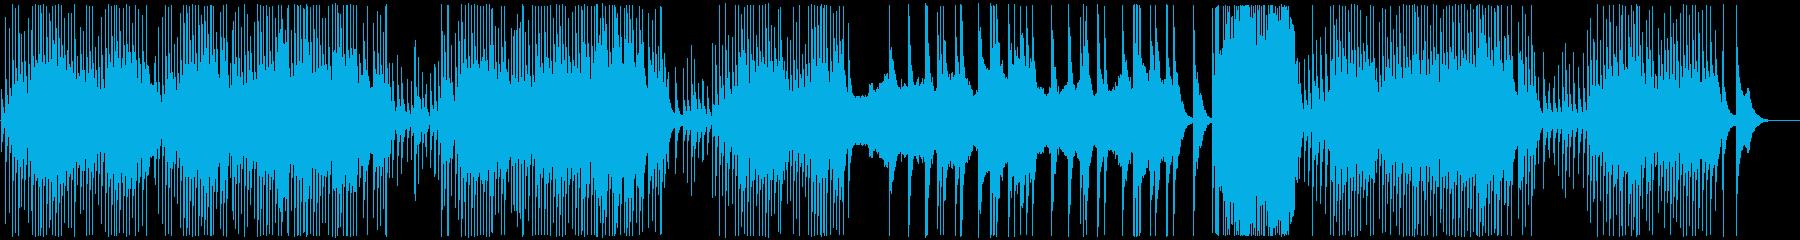 エリーゼのために、和風サウンド の再生済みの波形